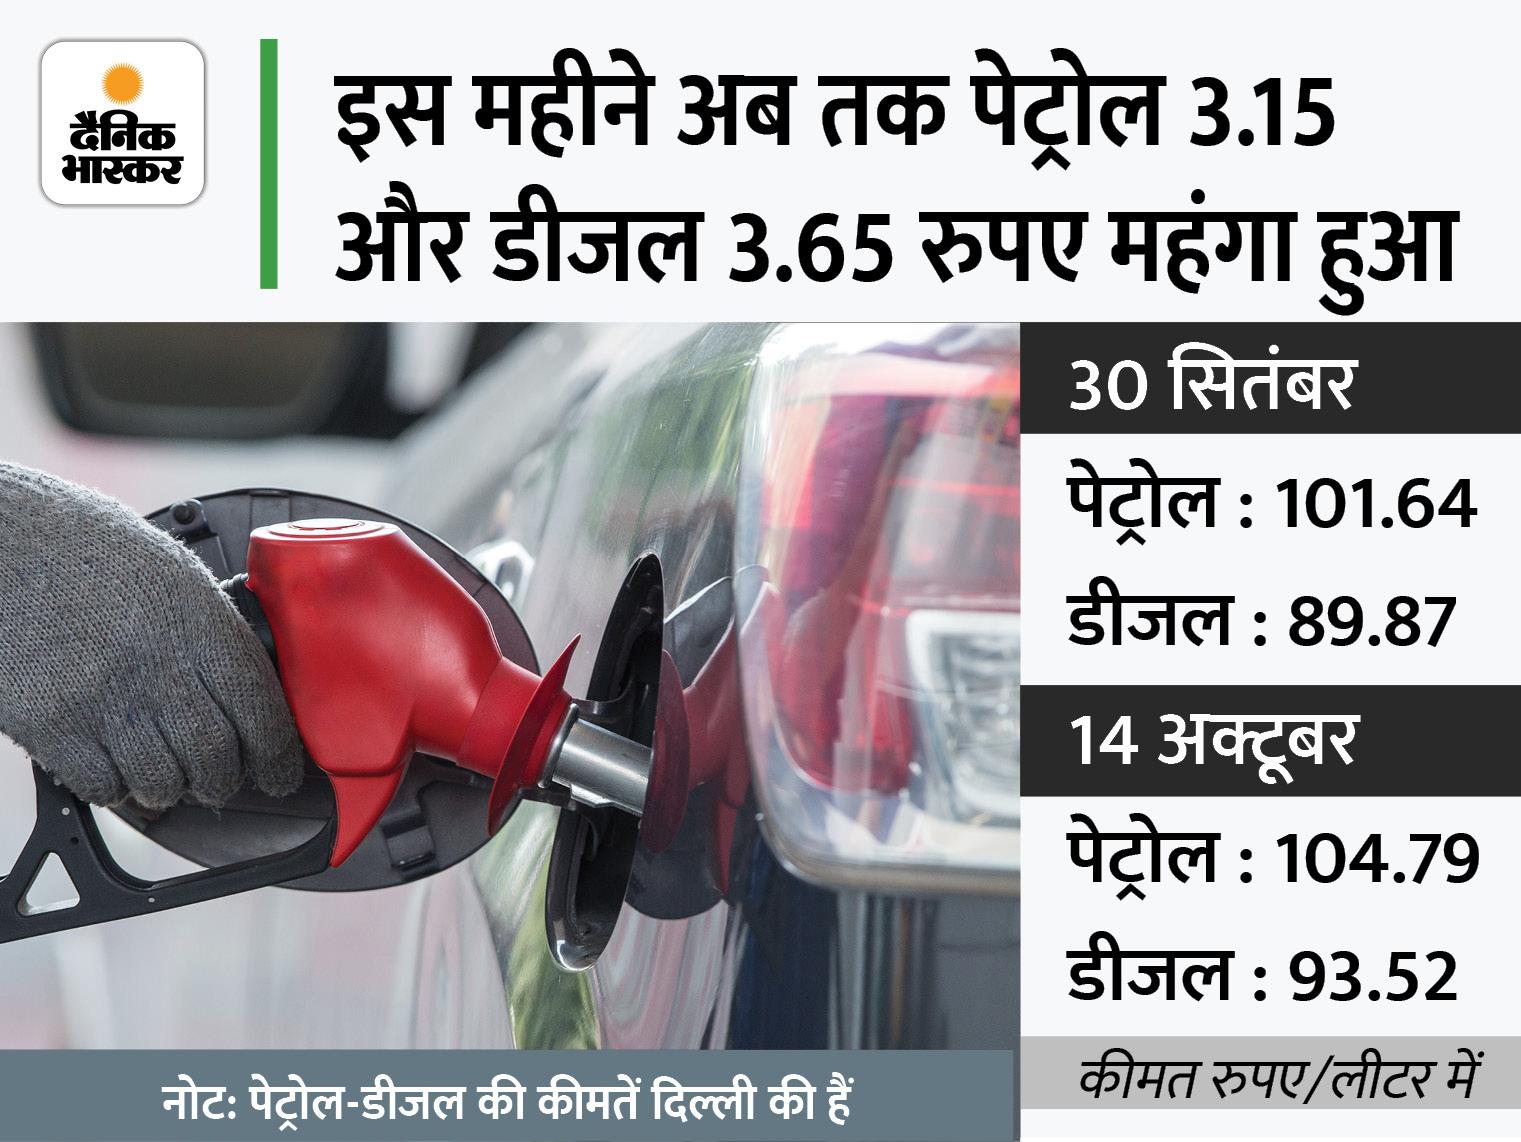 कच्चे तेल की मांग बढ़ने के कारण इसके दाम 80 डॉलर के पार निकल गए हैं। ऐसे में आने वाले समय में पेट्रोल-डीजल और महंगा हो सकता है। - Dainik Bhaskar